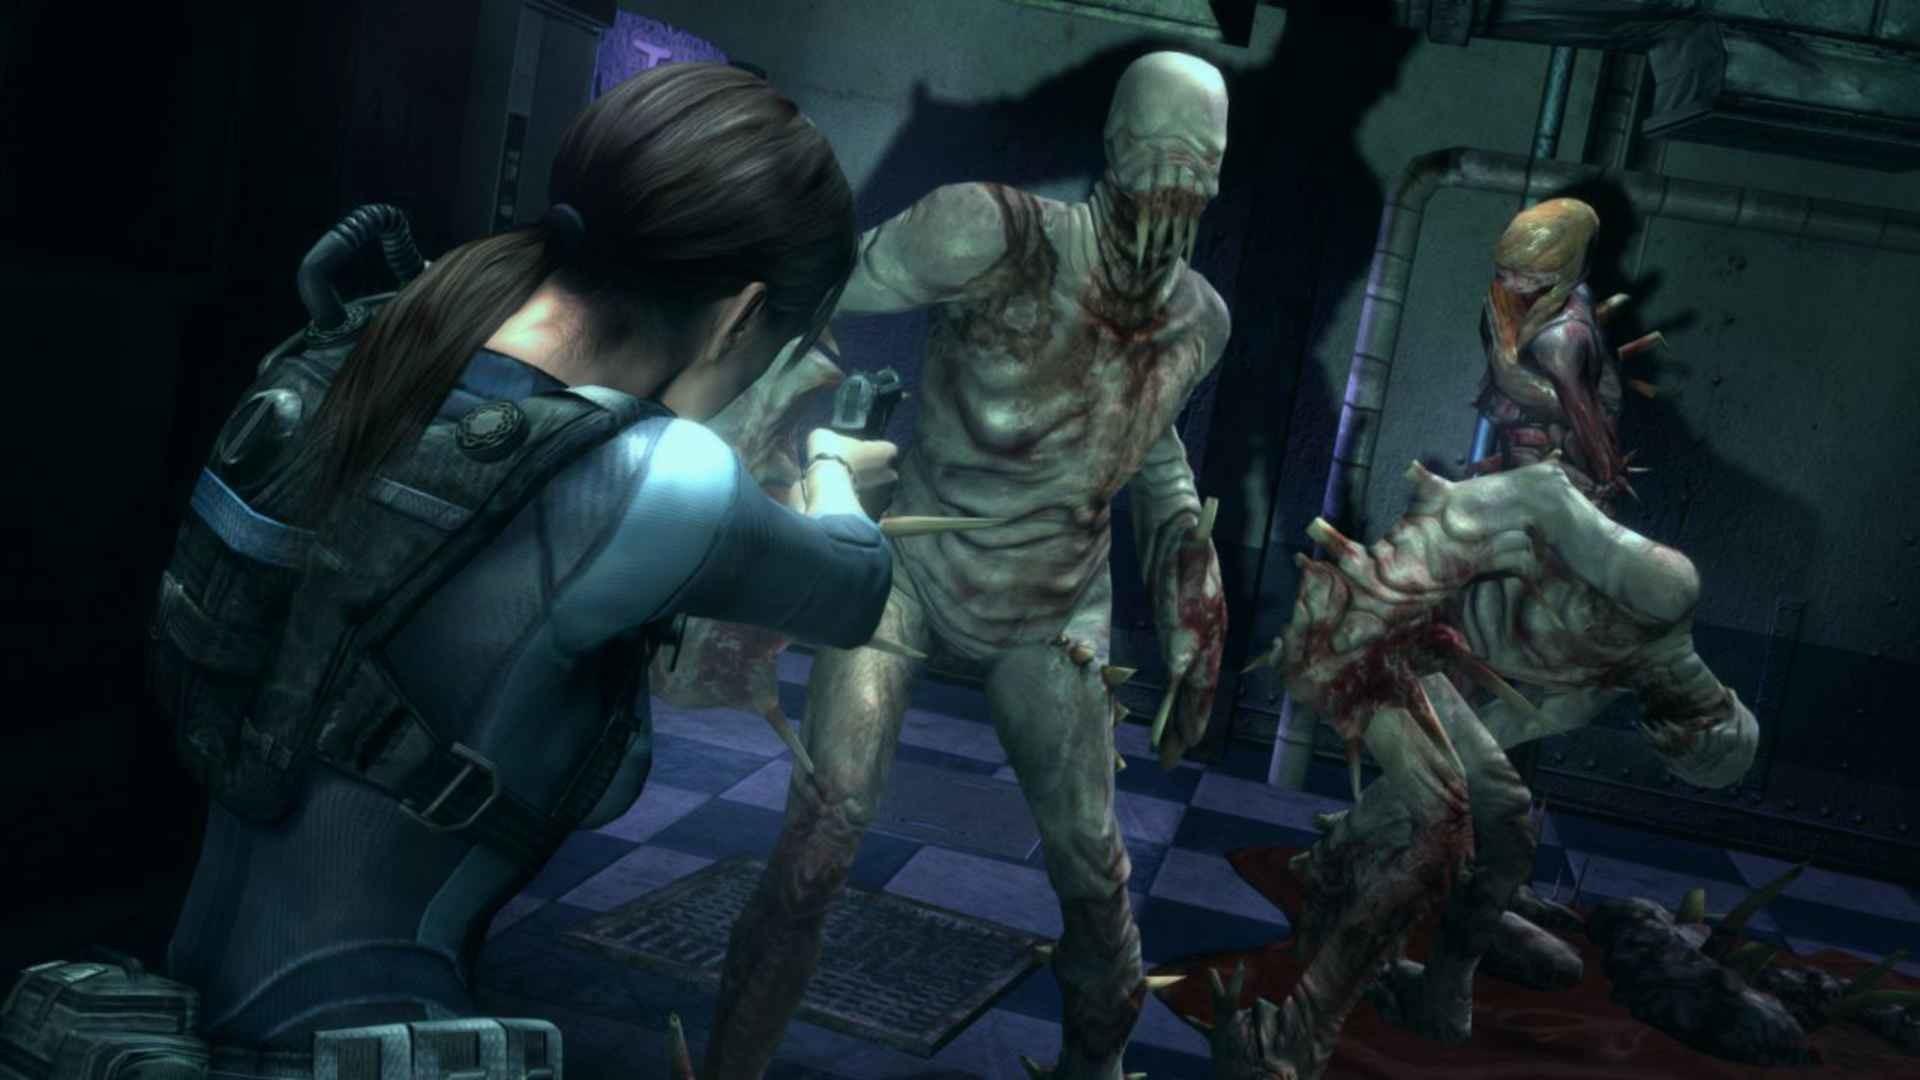 Resident Evil Wallpaper Hd